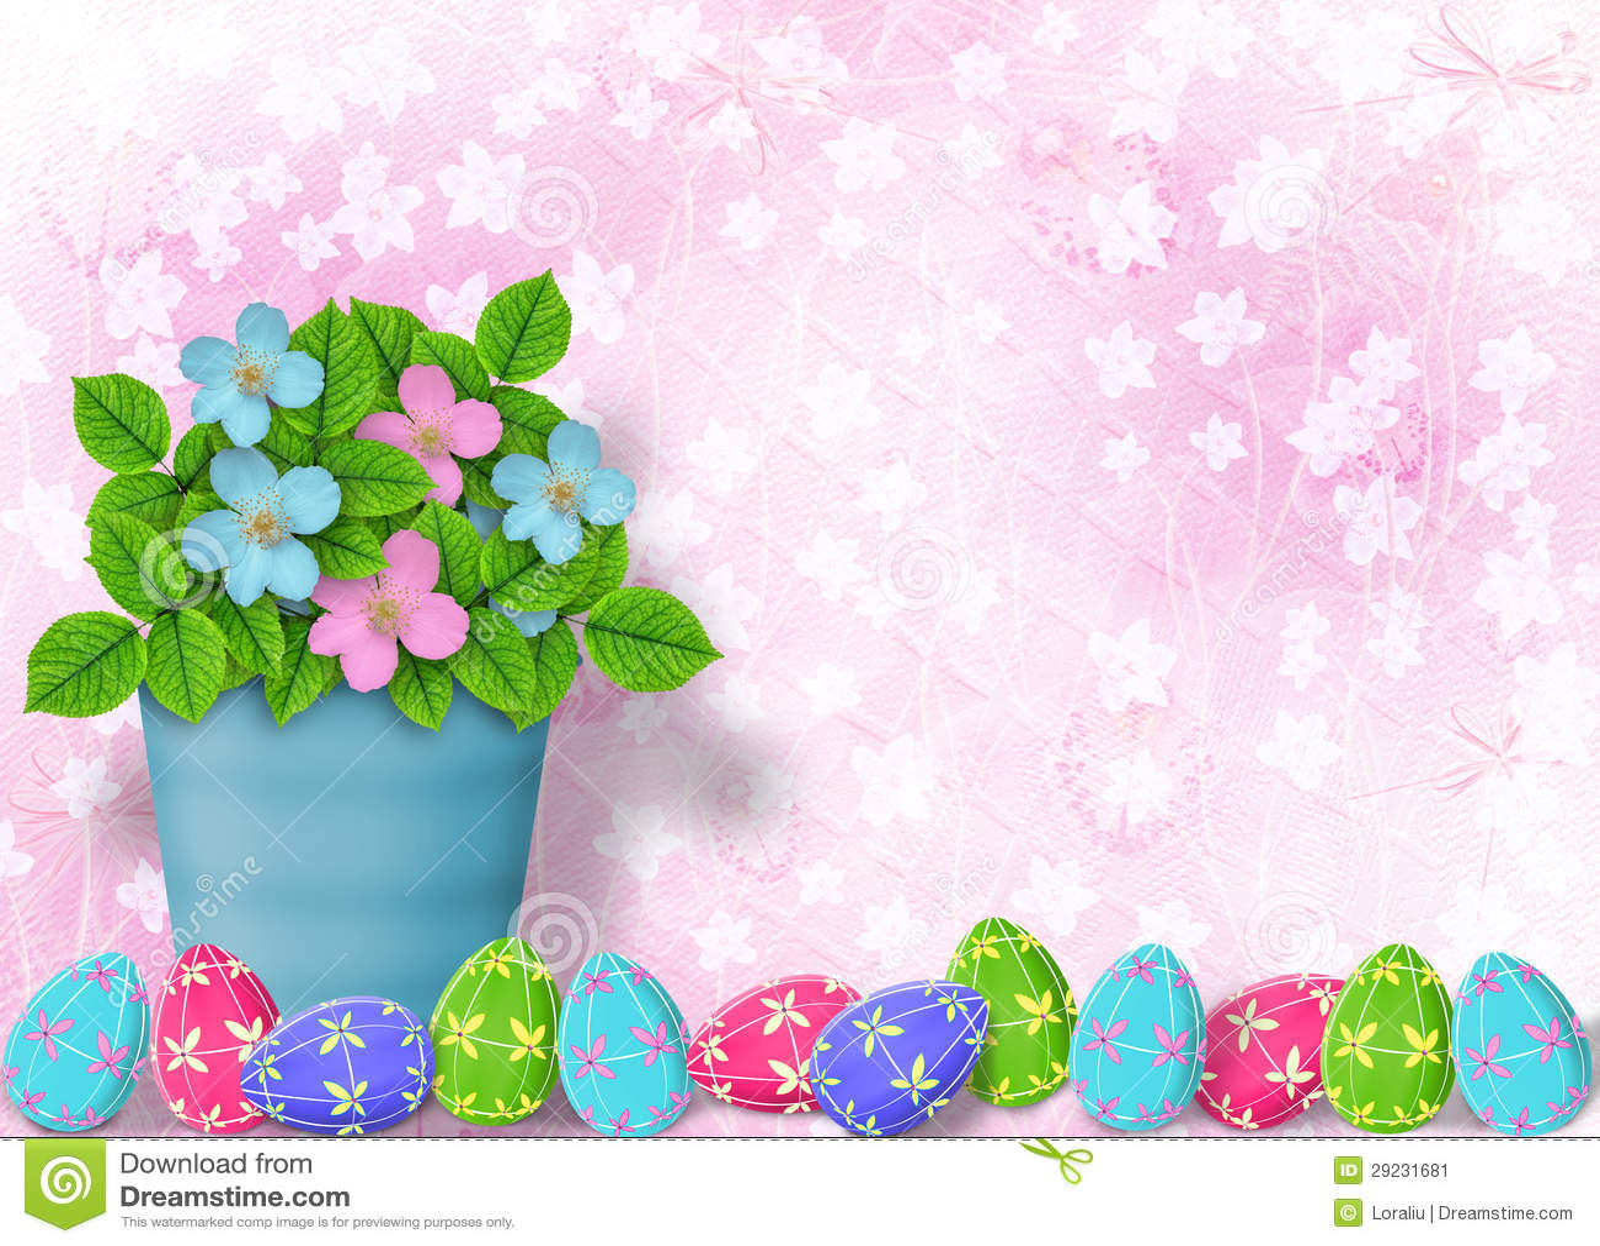 Download Fundo Pastel Com Ovos Coloridos Ilustração Stock - Ilustração de folha, multicolored: 29231681